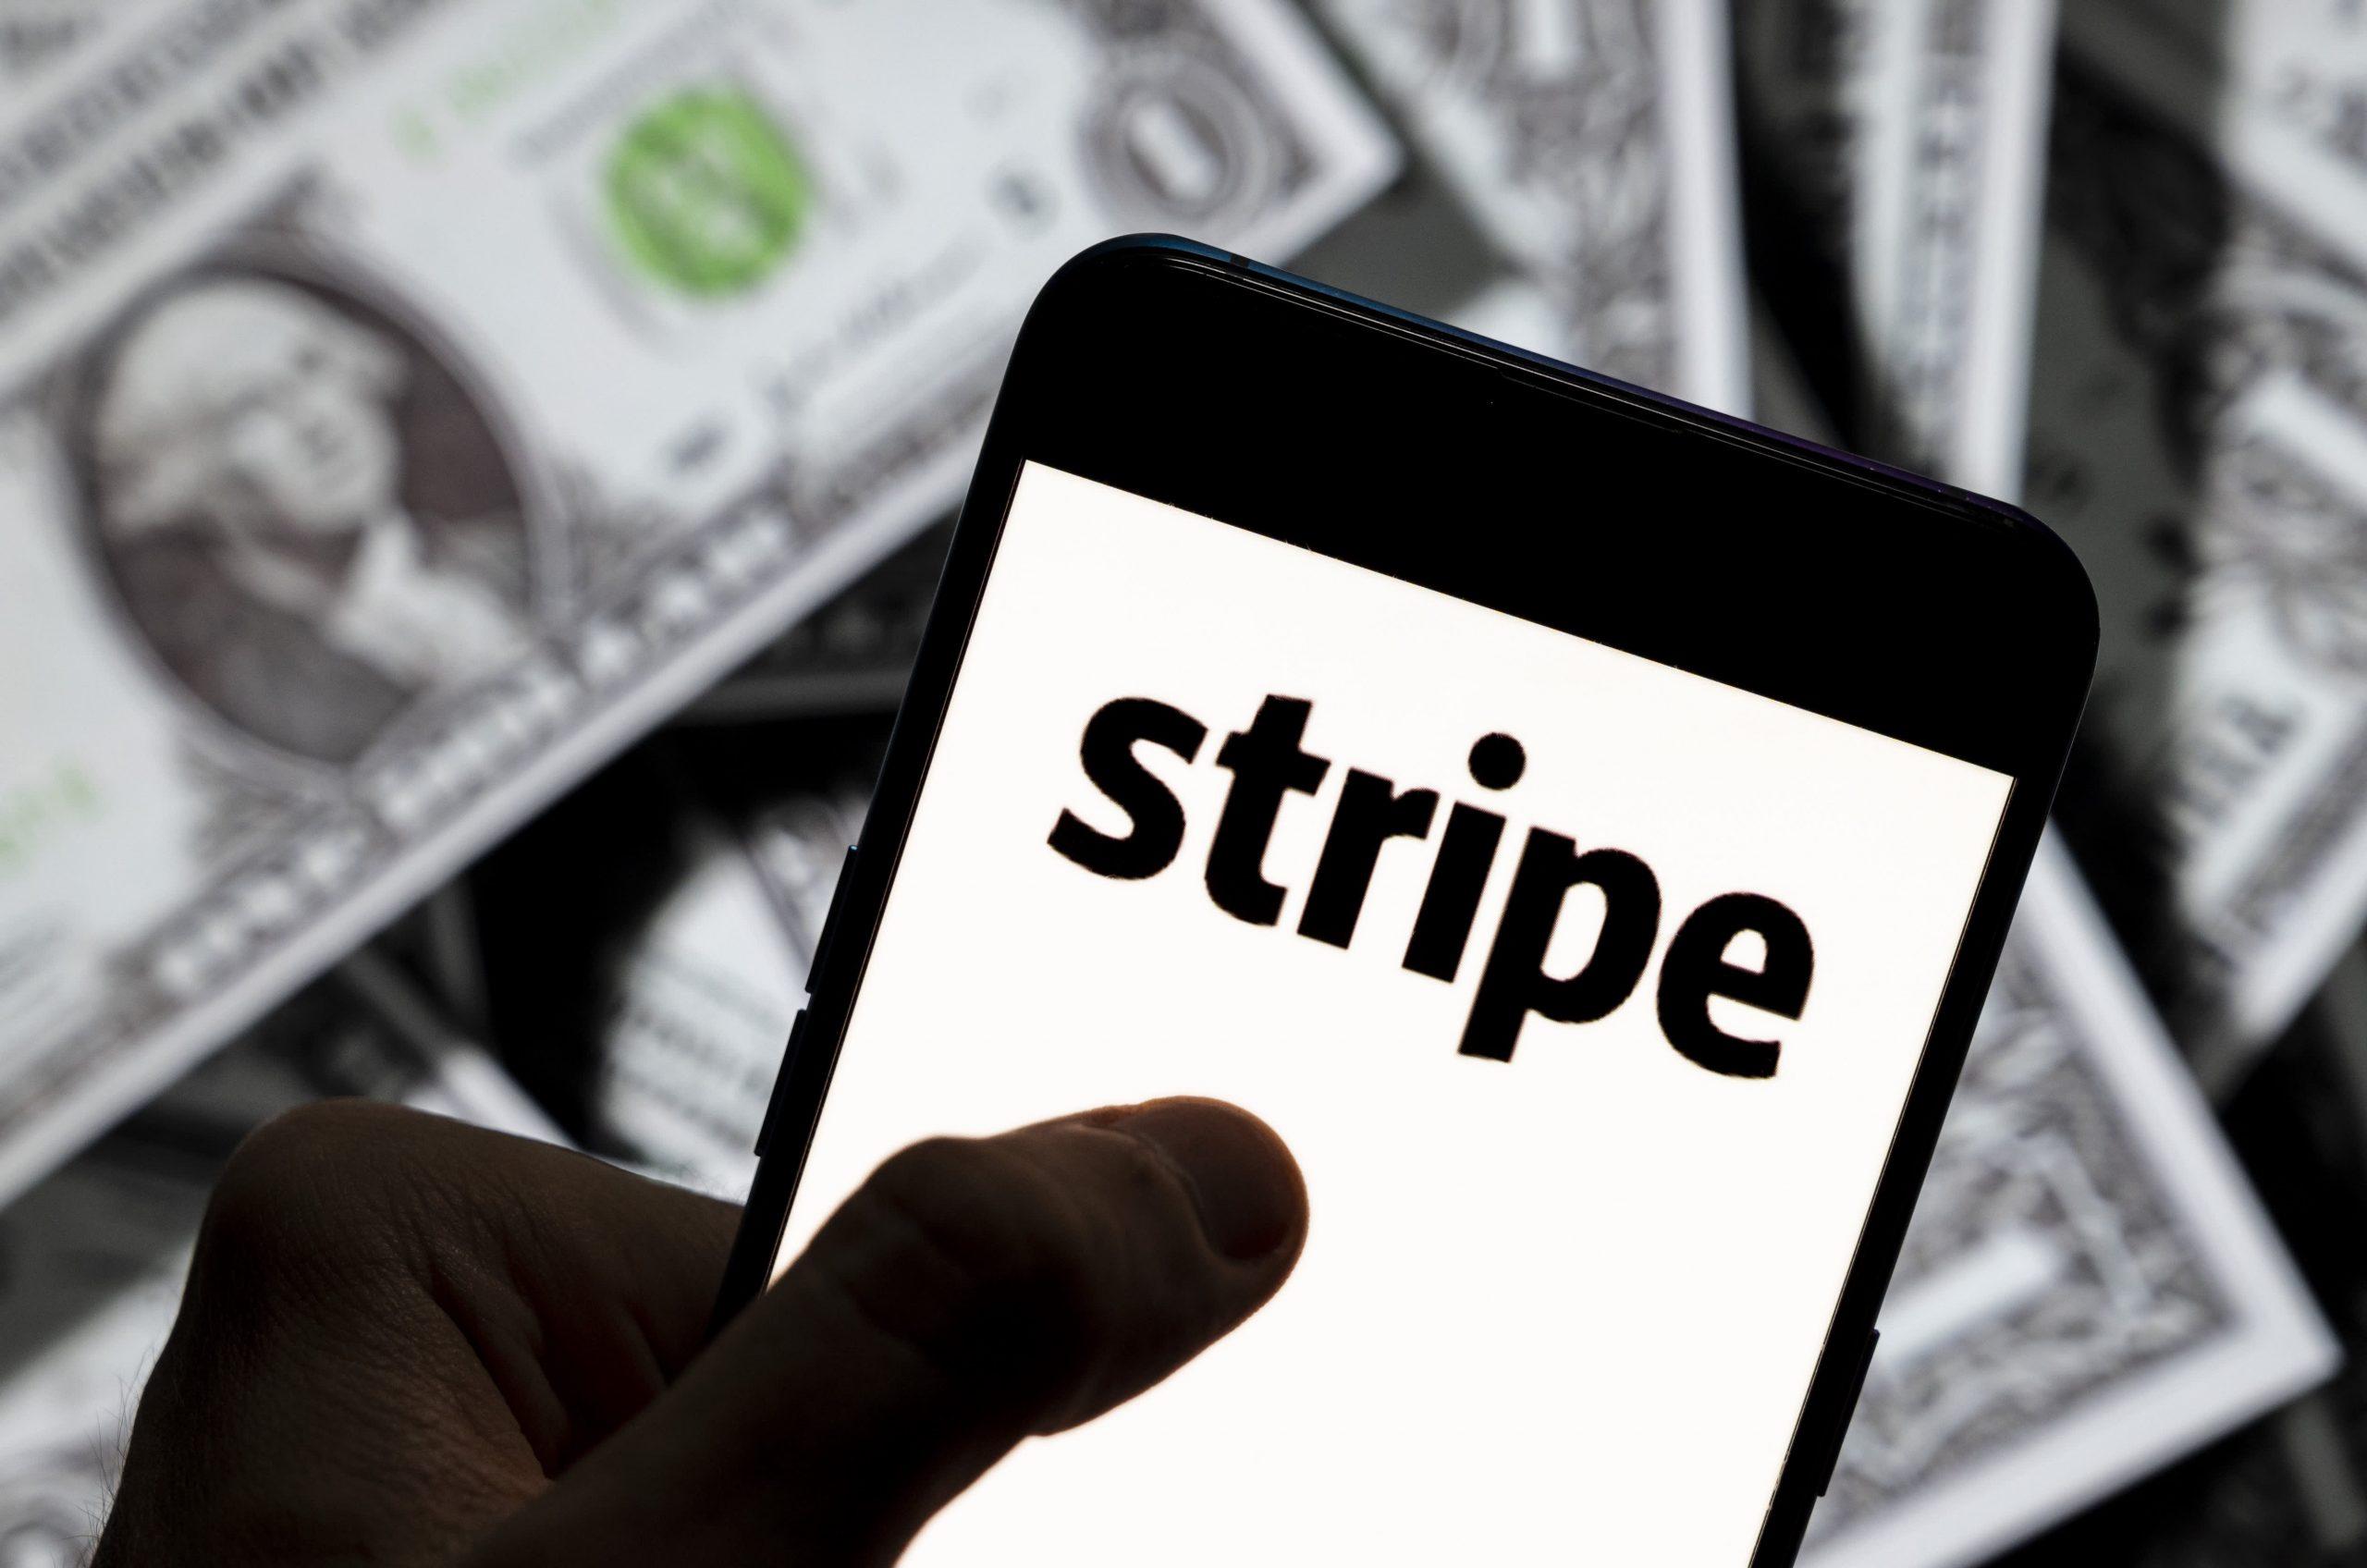 El gigante de pagos digitales Stripe lanza un nuevo software para simplificar la forma en que las empresas calculan los impuestos sobre las ventas